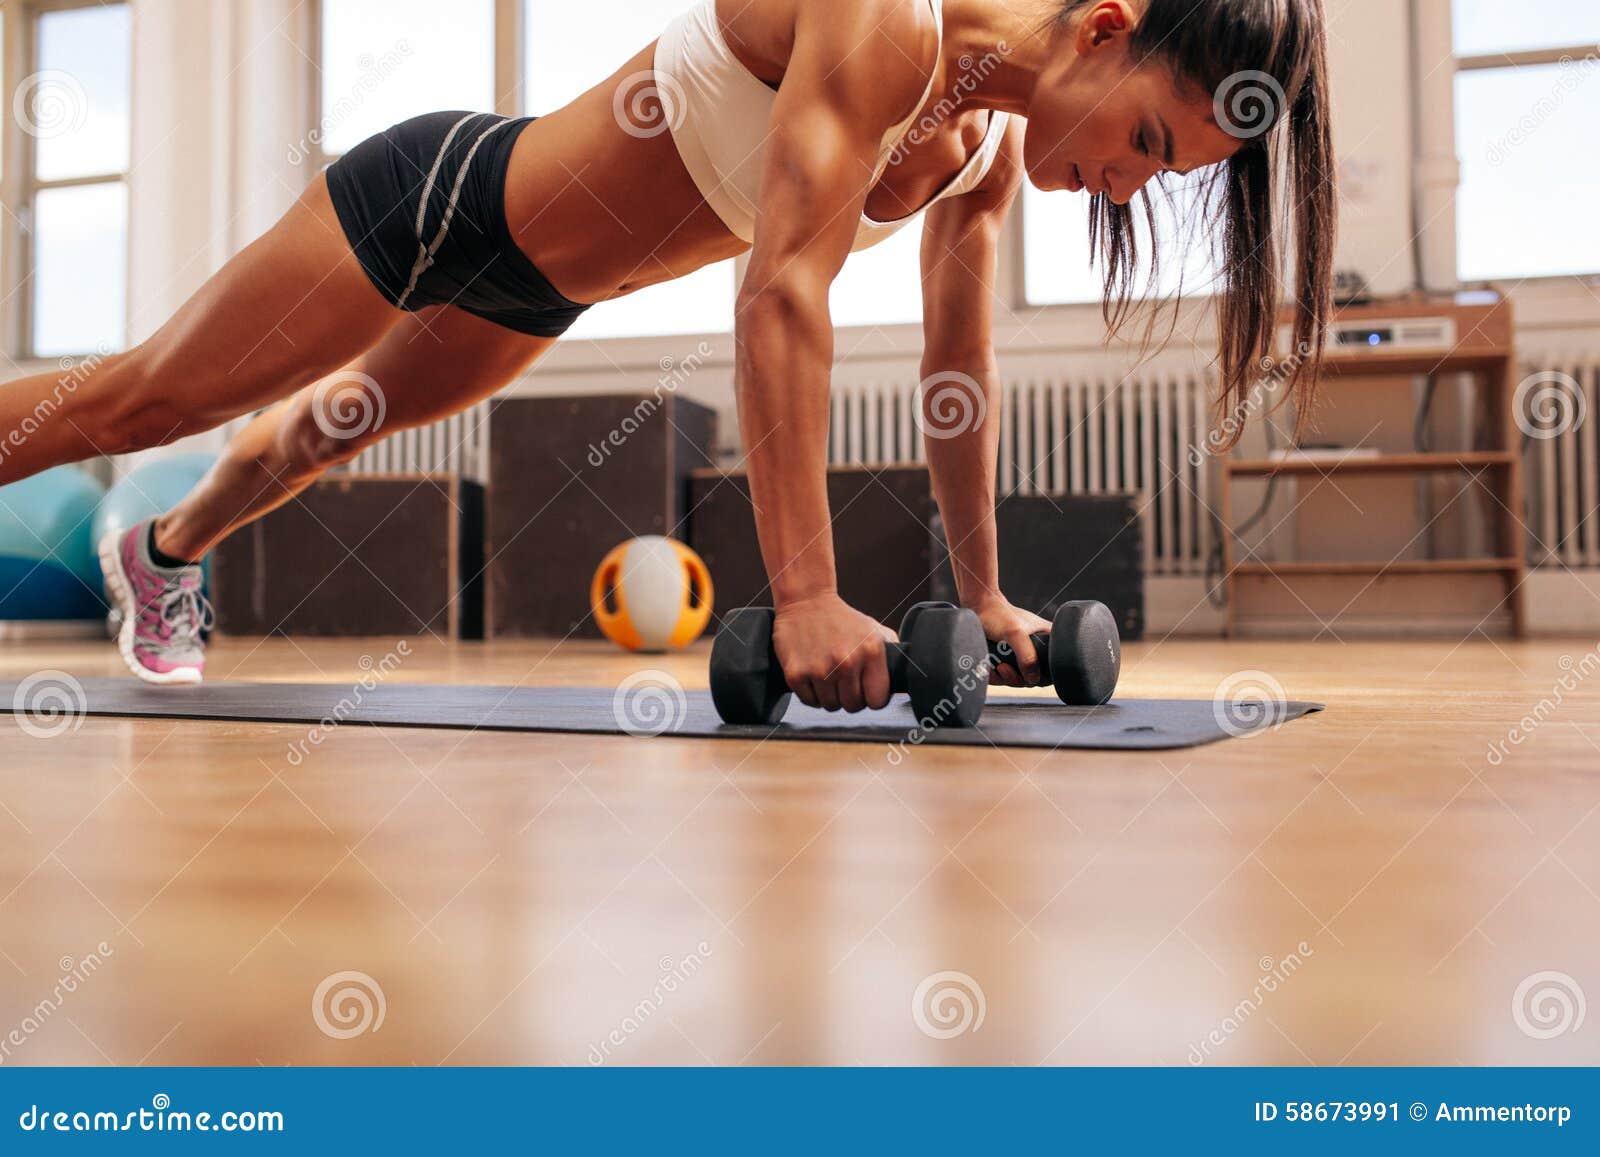 Mujer de la aptitud que hace ejercicio de los pectorales con pesas de gimnasia